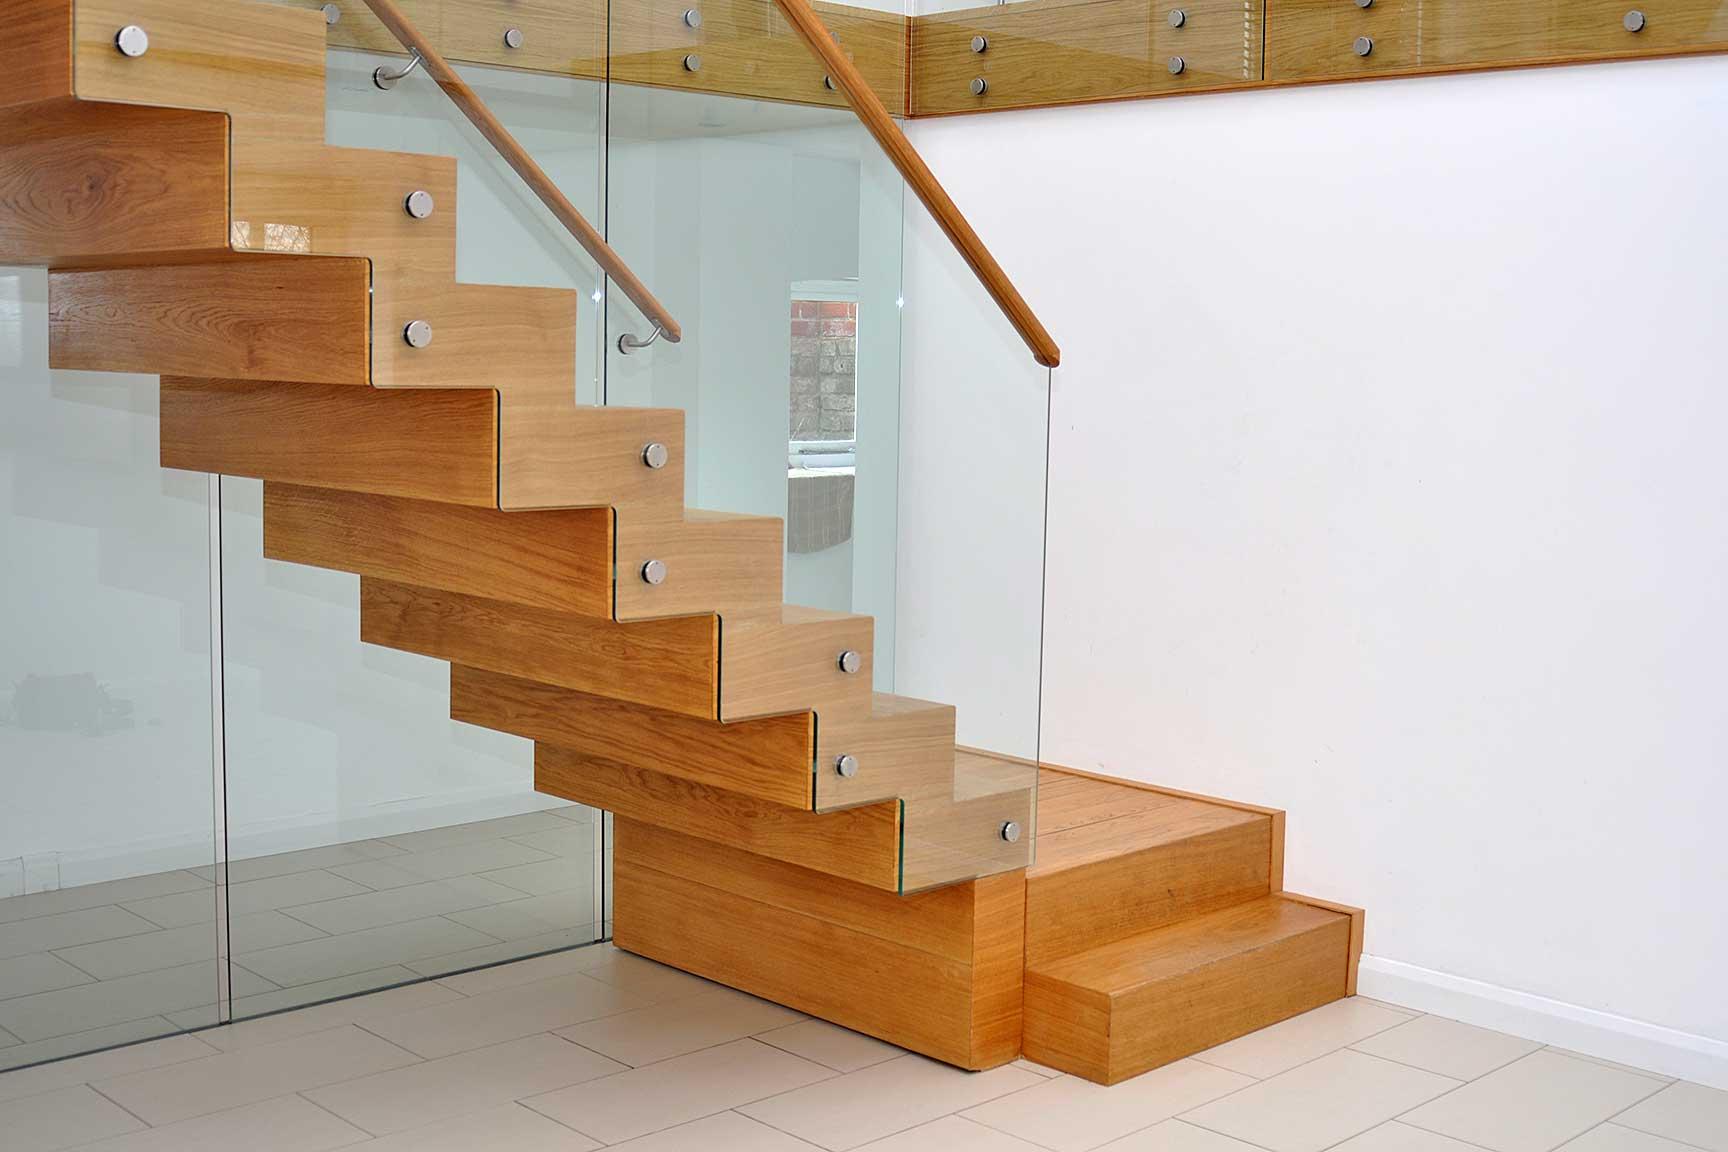 Монтаж лестниц: изготовление и установка, устройство конструкции, как собрать самостоятельно, инструкция по креплению изделия к перекрытию